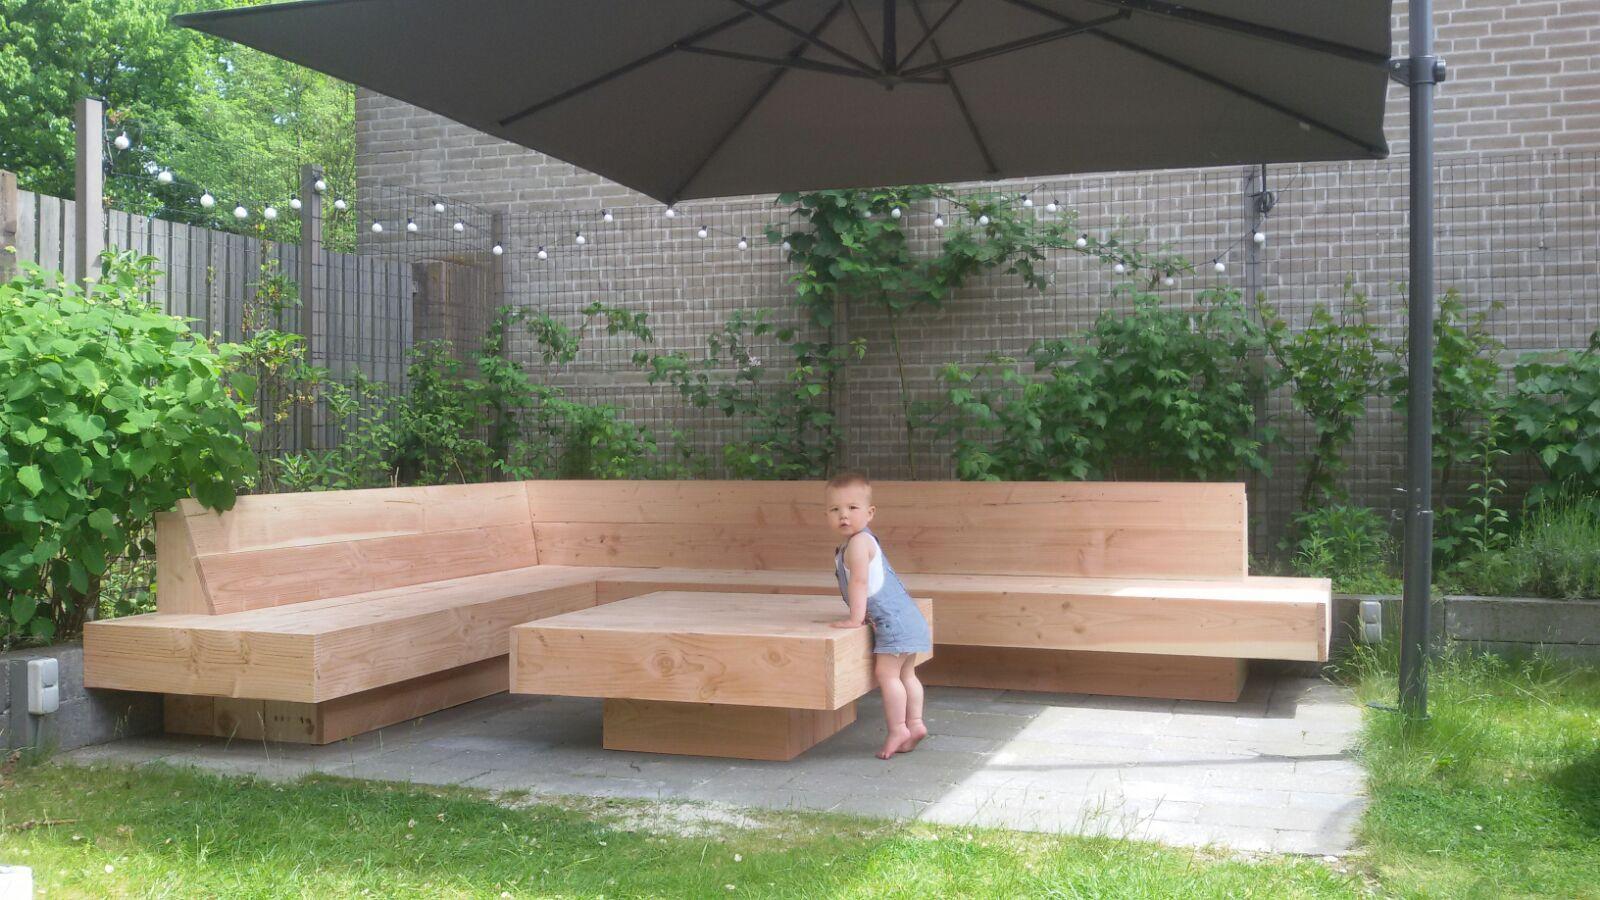 XL Hoekbank  Grote loungebank voor in de tuin  grote